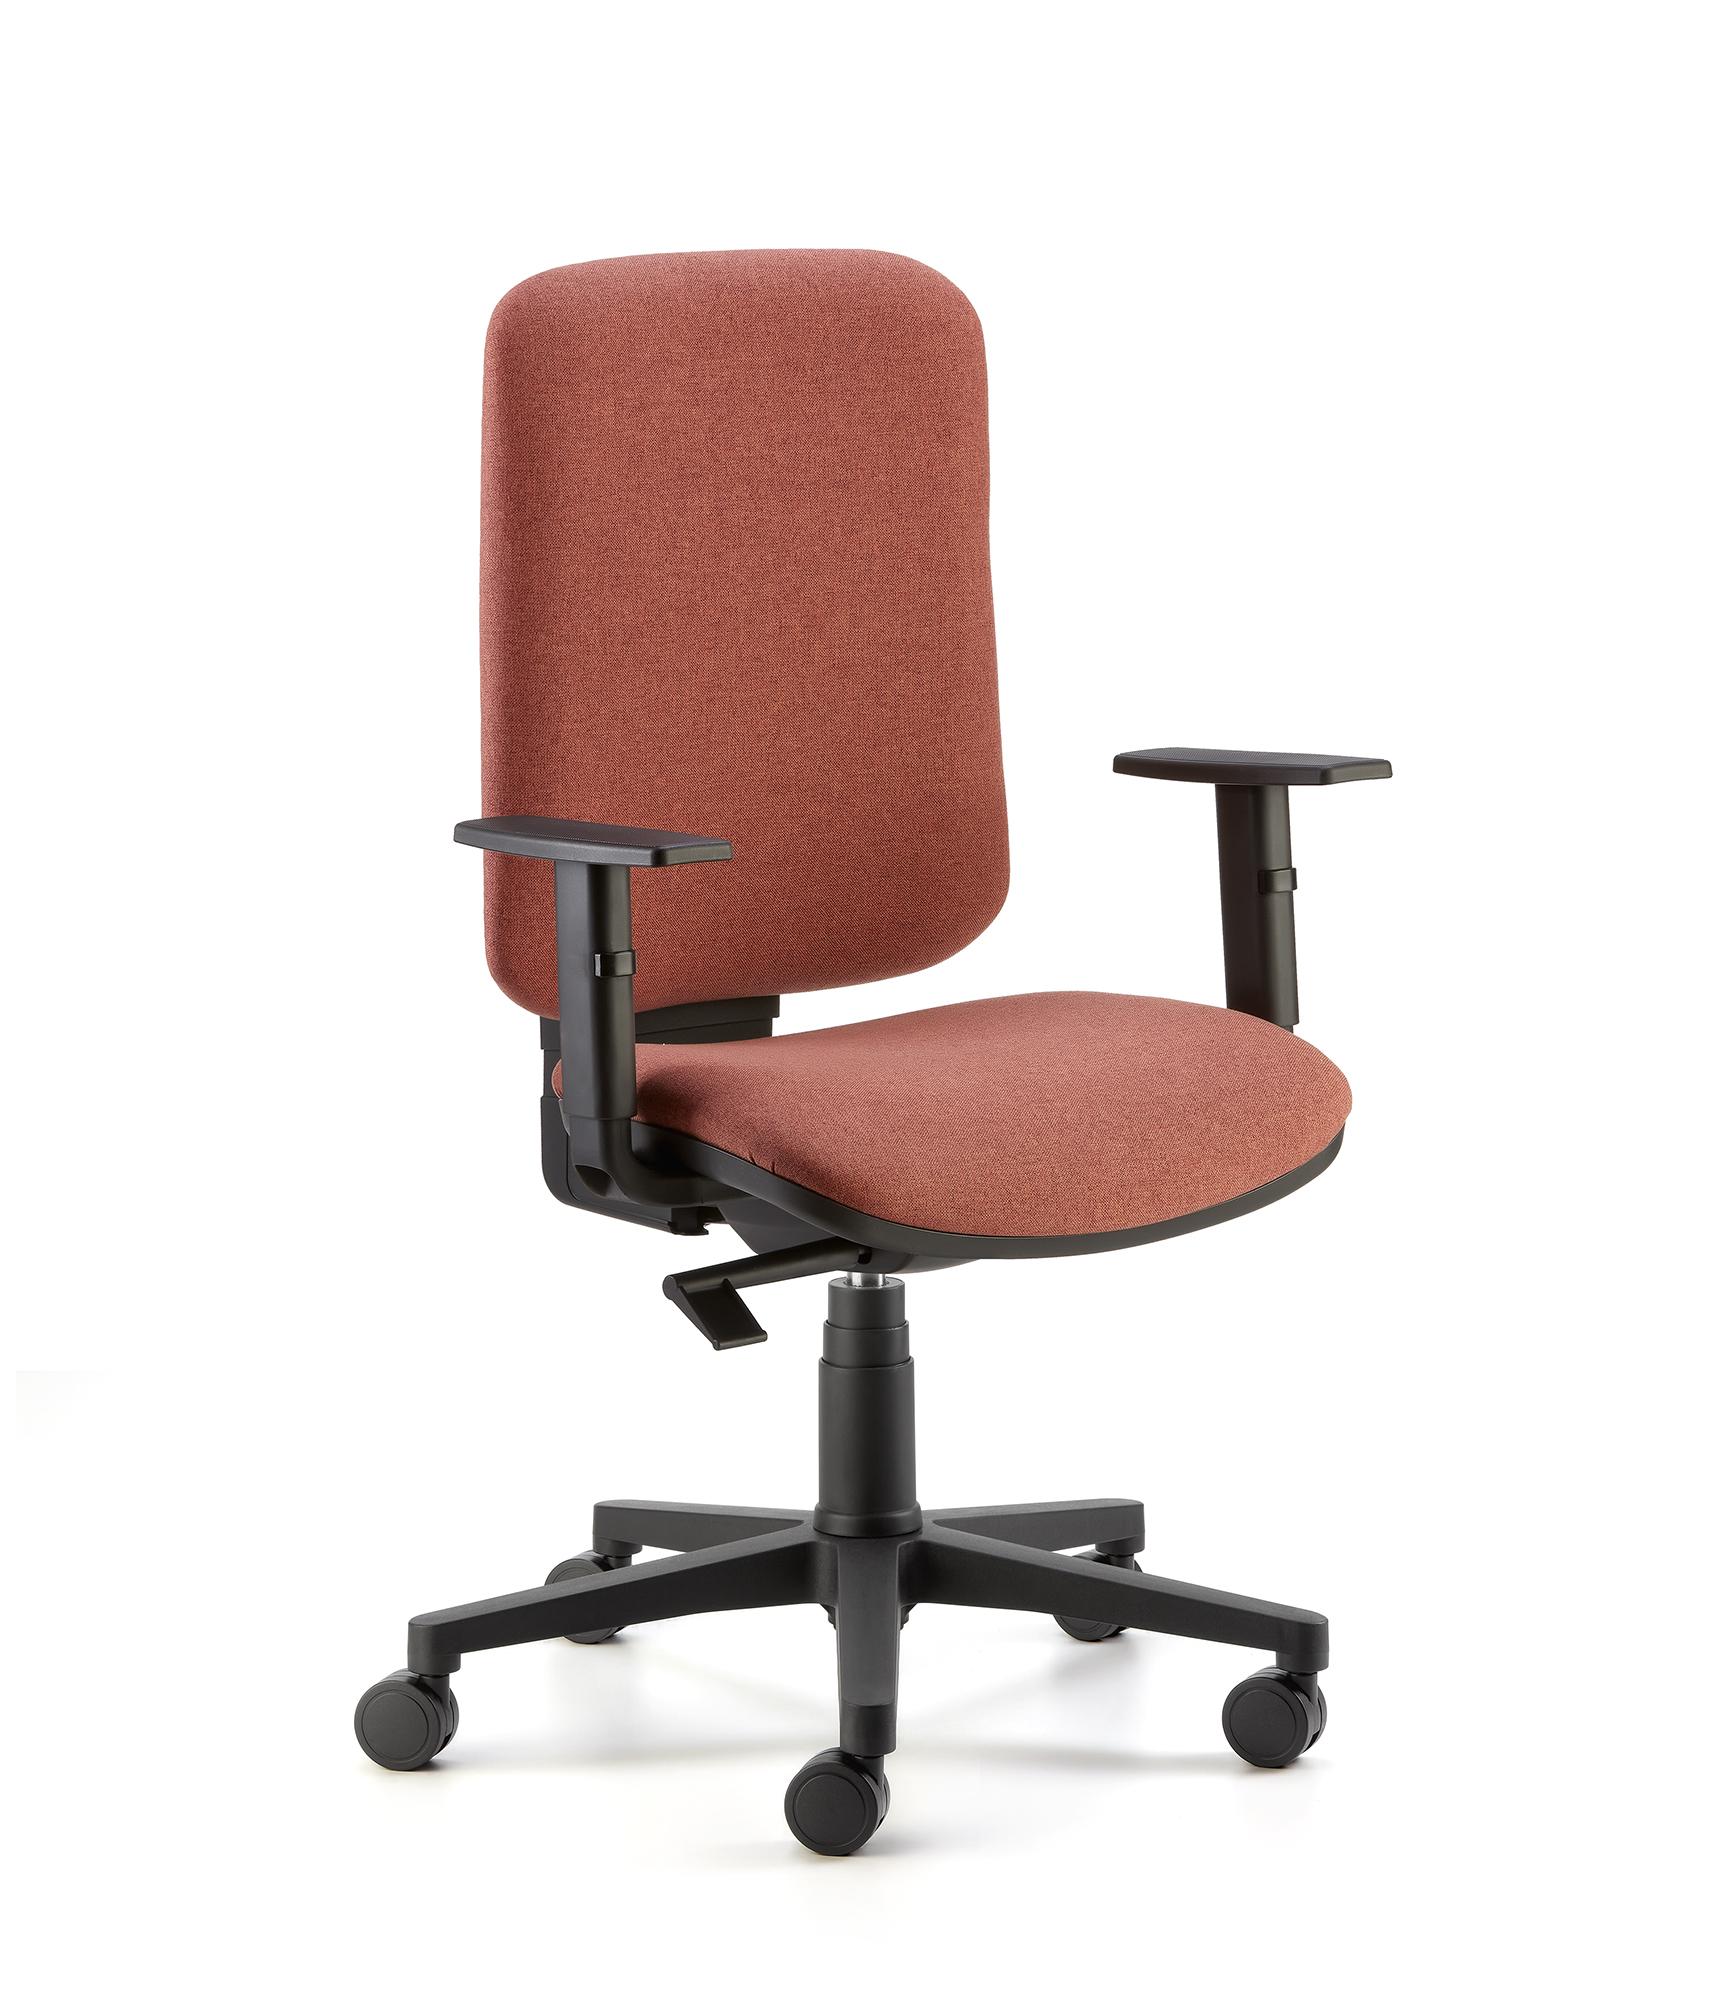 Poltrone ufficio ergonomiche Loop